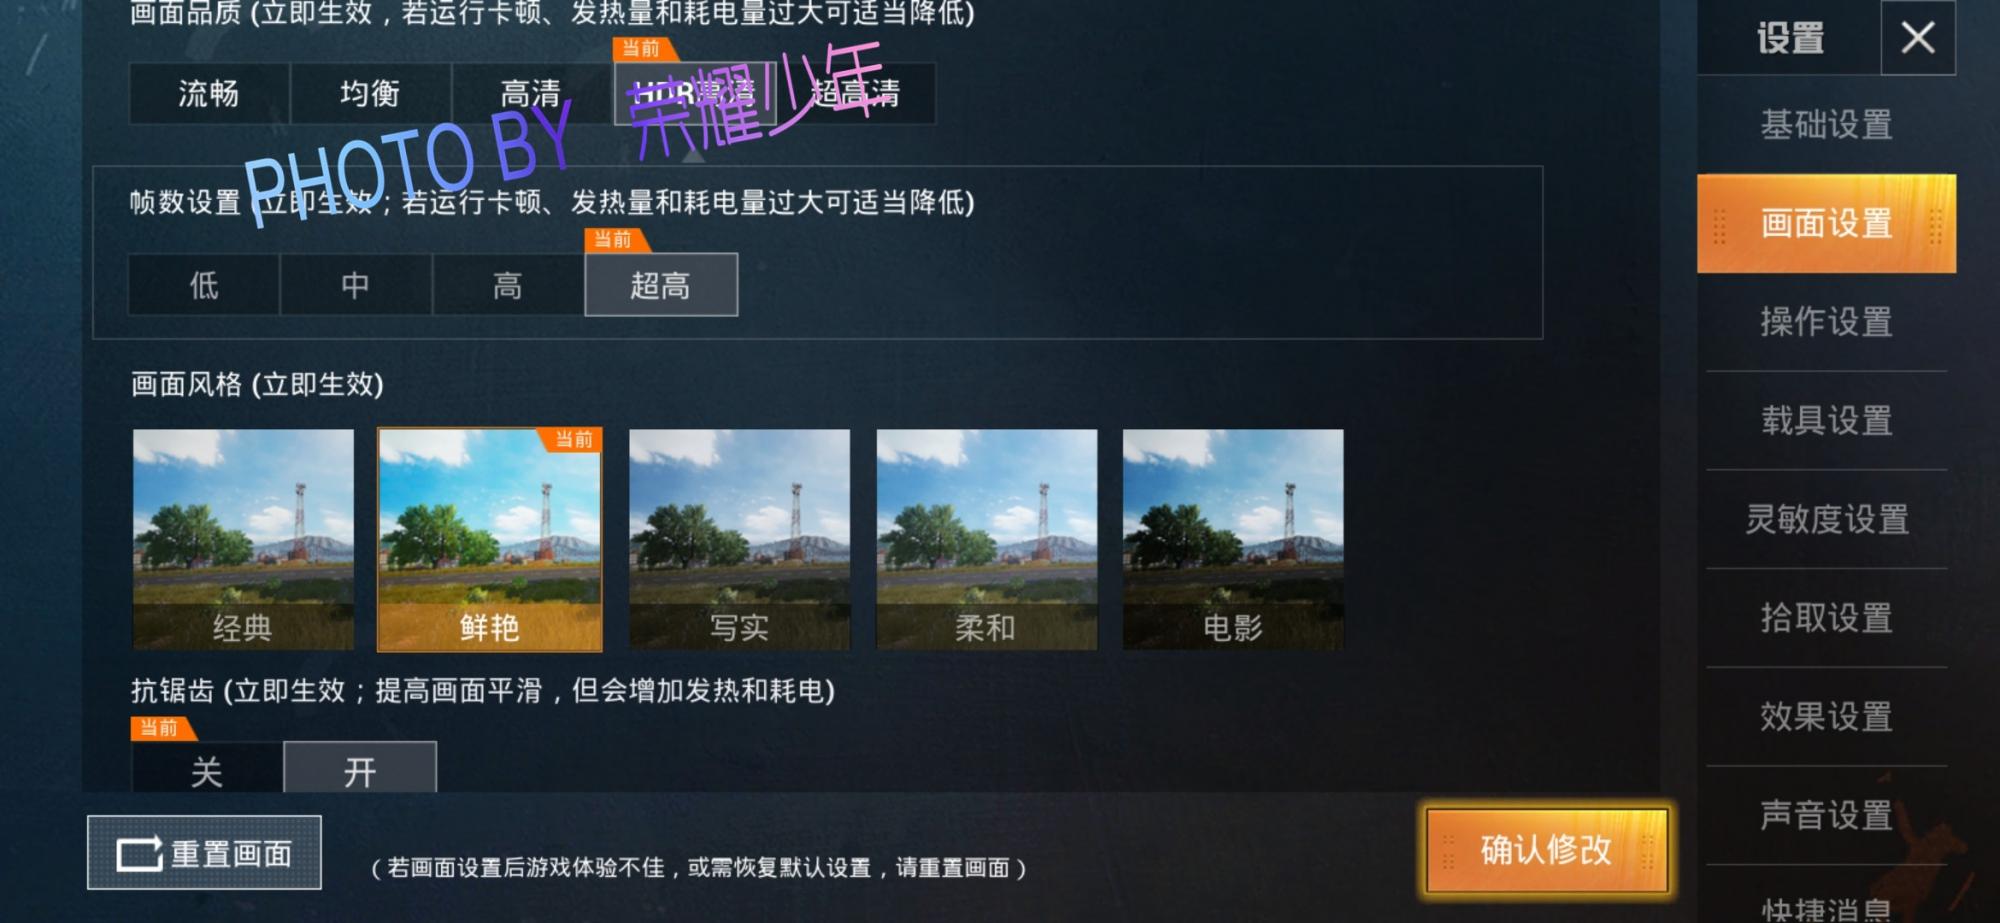 Screenshot_20190530_215845_com.tencent.tmgp.pubgm.jpg